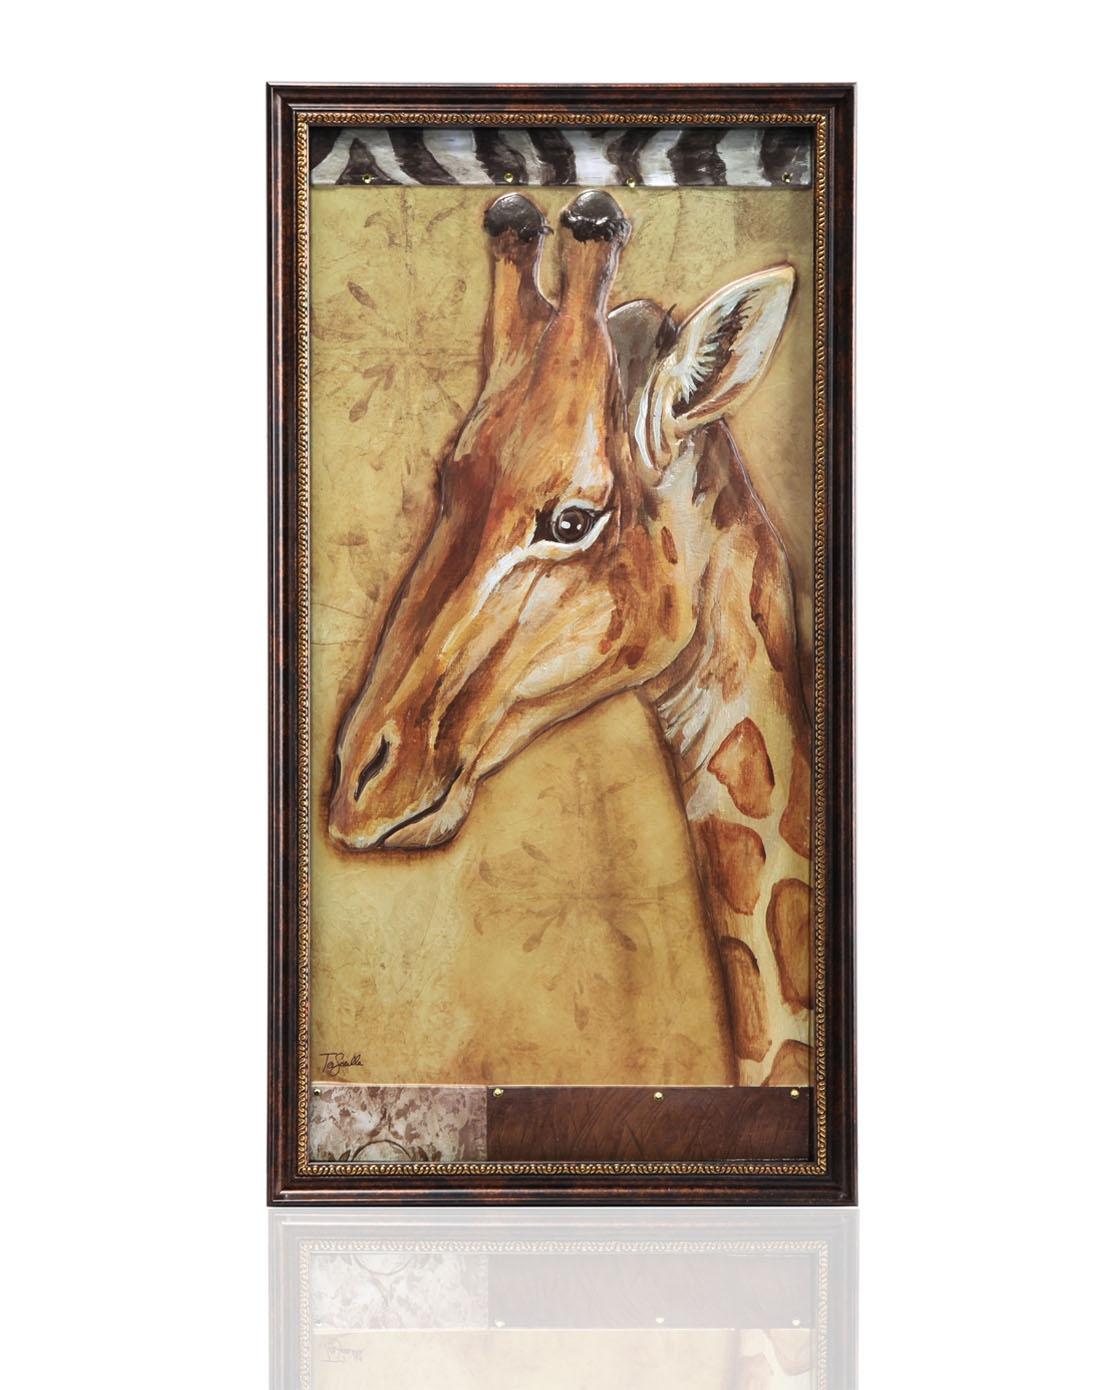 雅工坊立体浮雕装饰画-非洲长颈鹿901100003